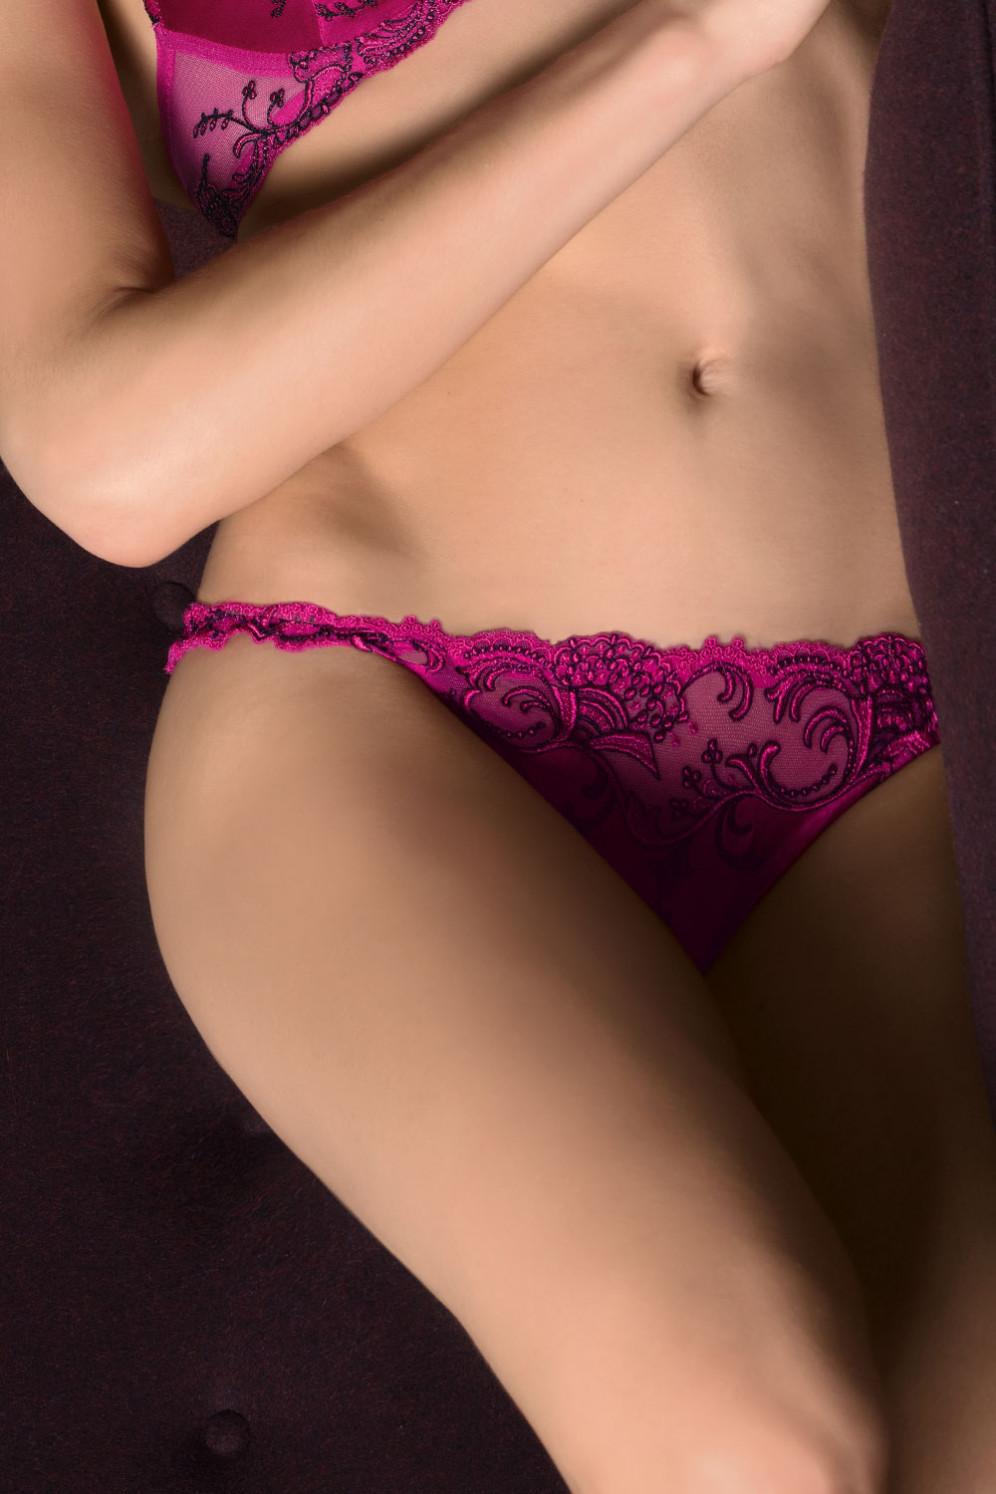 6dd86d76fd Vergrößern Abbildung zu String Sexy (ACC0580) der Marke Lise Charmel aus  der Serie Splendeur Soie ...